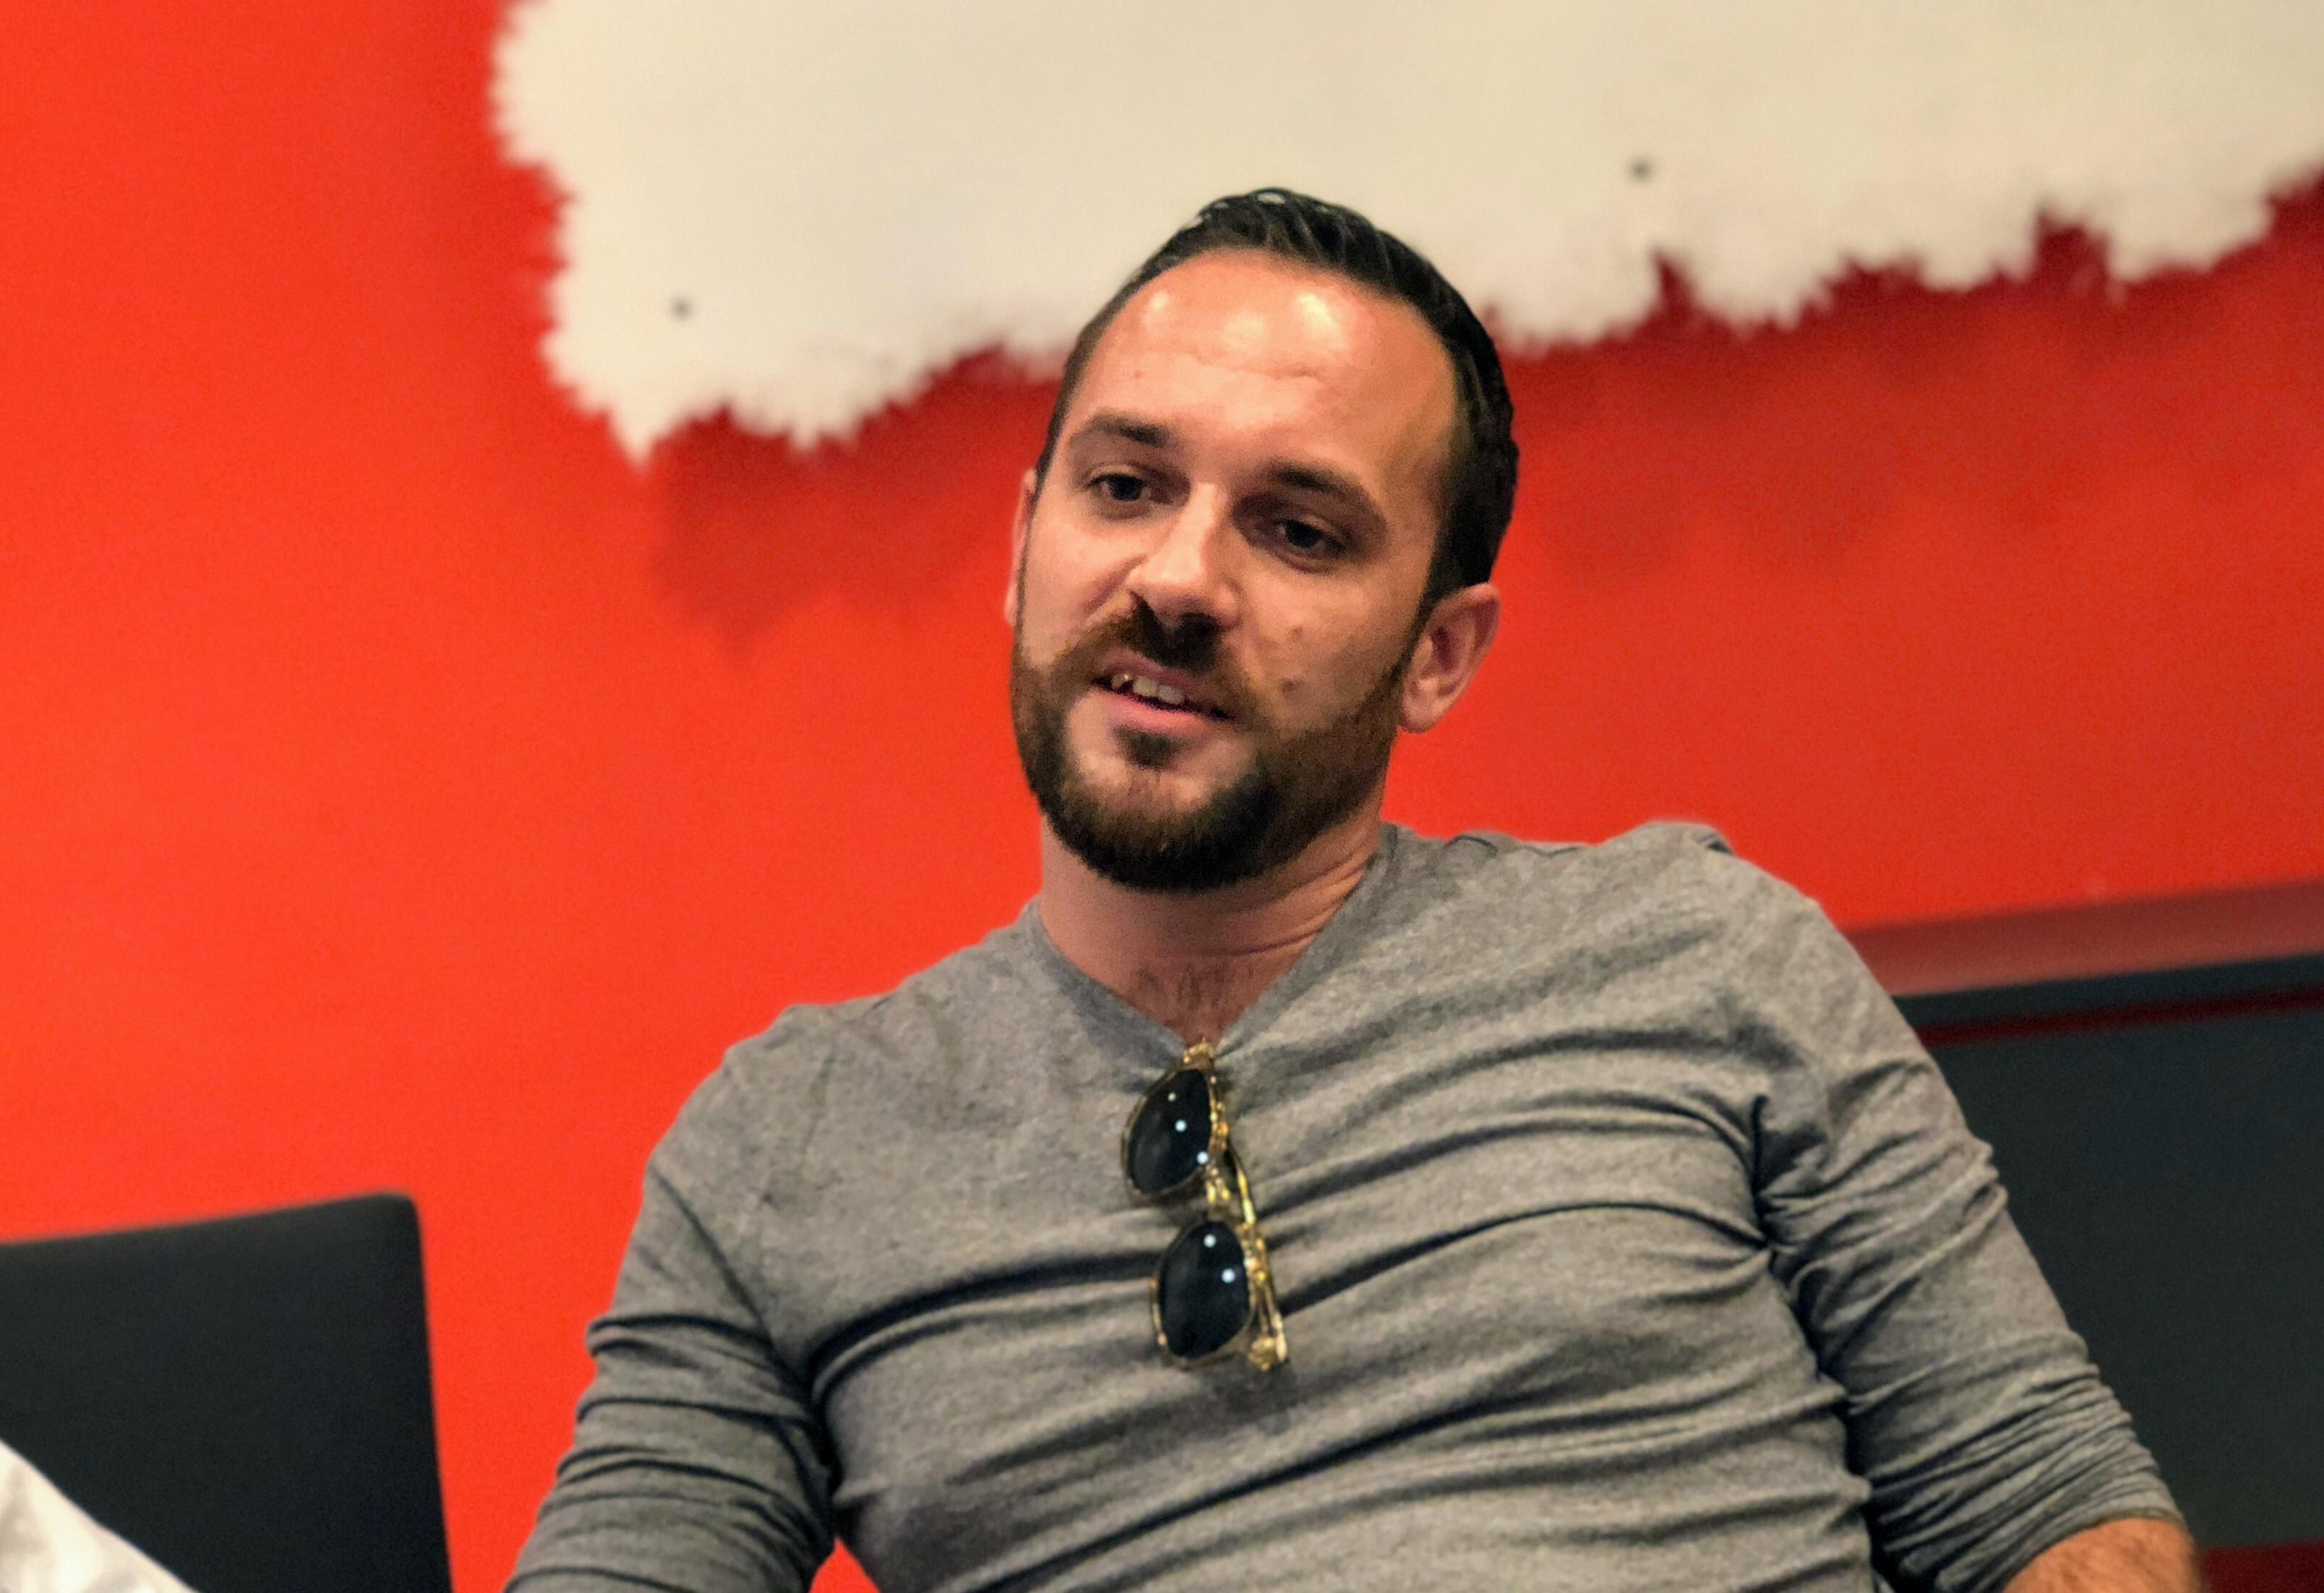 Thibault Touzeau (Travel Me Happy), blogueur et influenceur, invité, a relativisé sa dépendance rédactionnelle vis-à-vis des marques et produits pour lesquelles il travaille... /crédit photo JDL